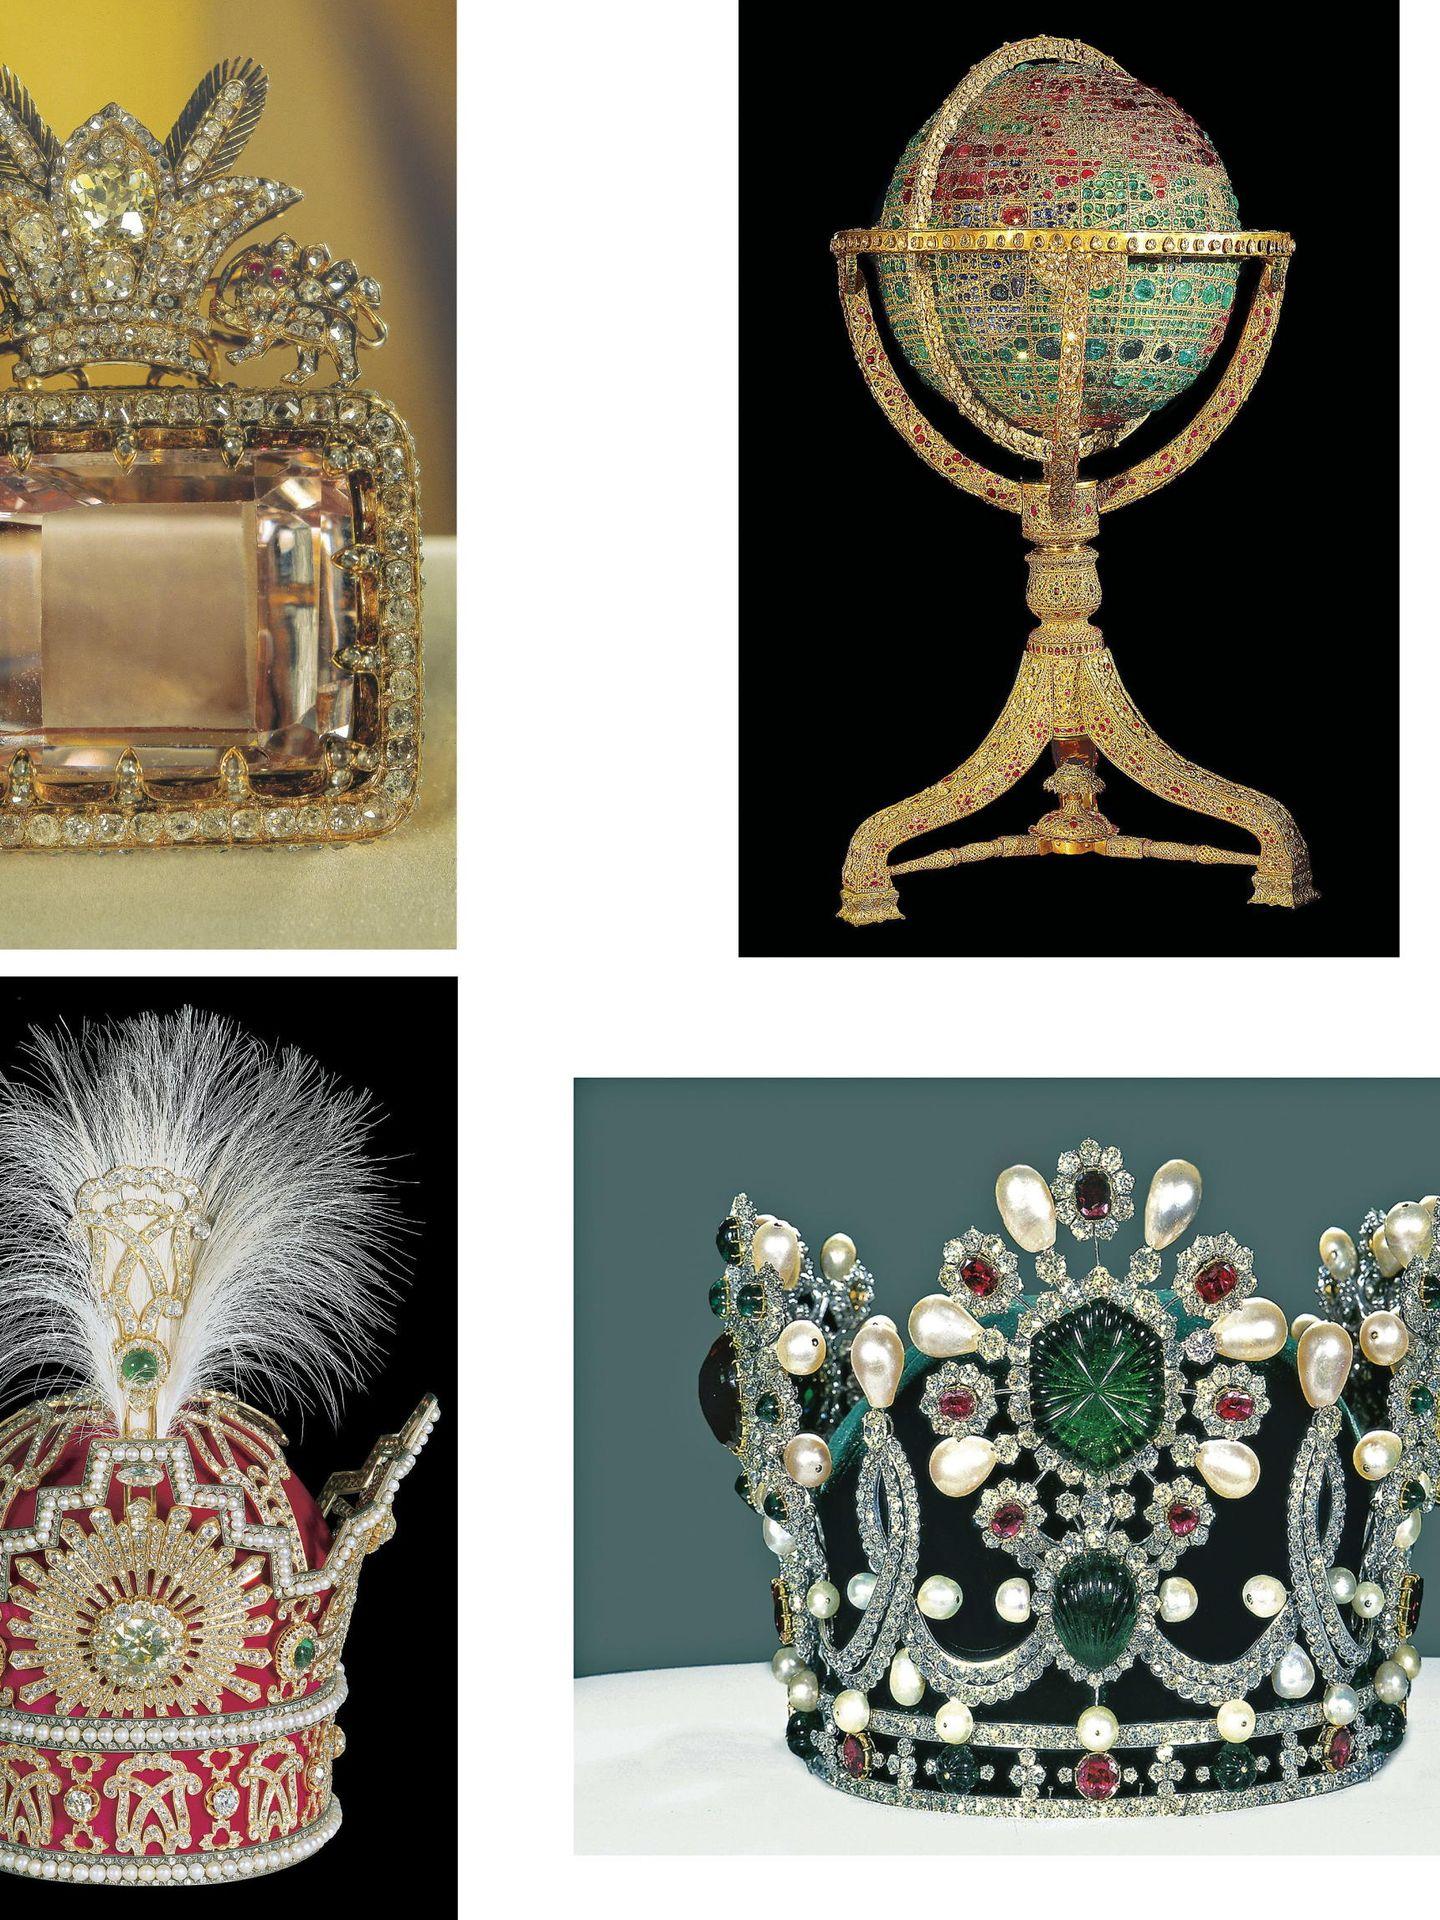 Coronas de la dinastía Pahlavi, expuestas en Teherán. (EFE)